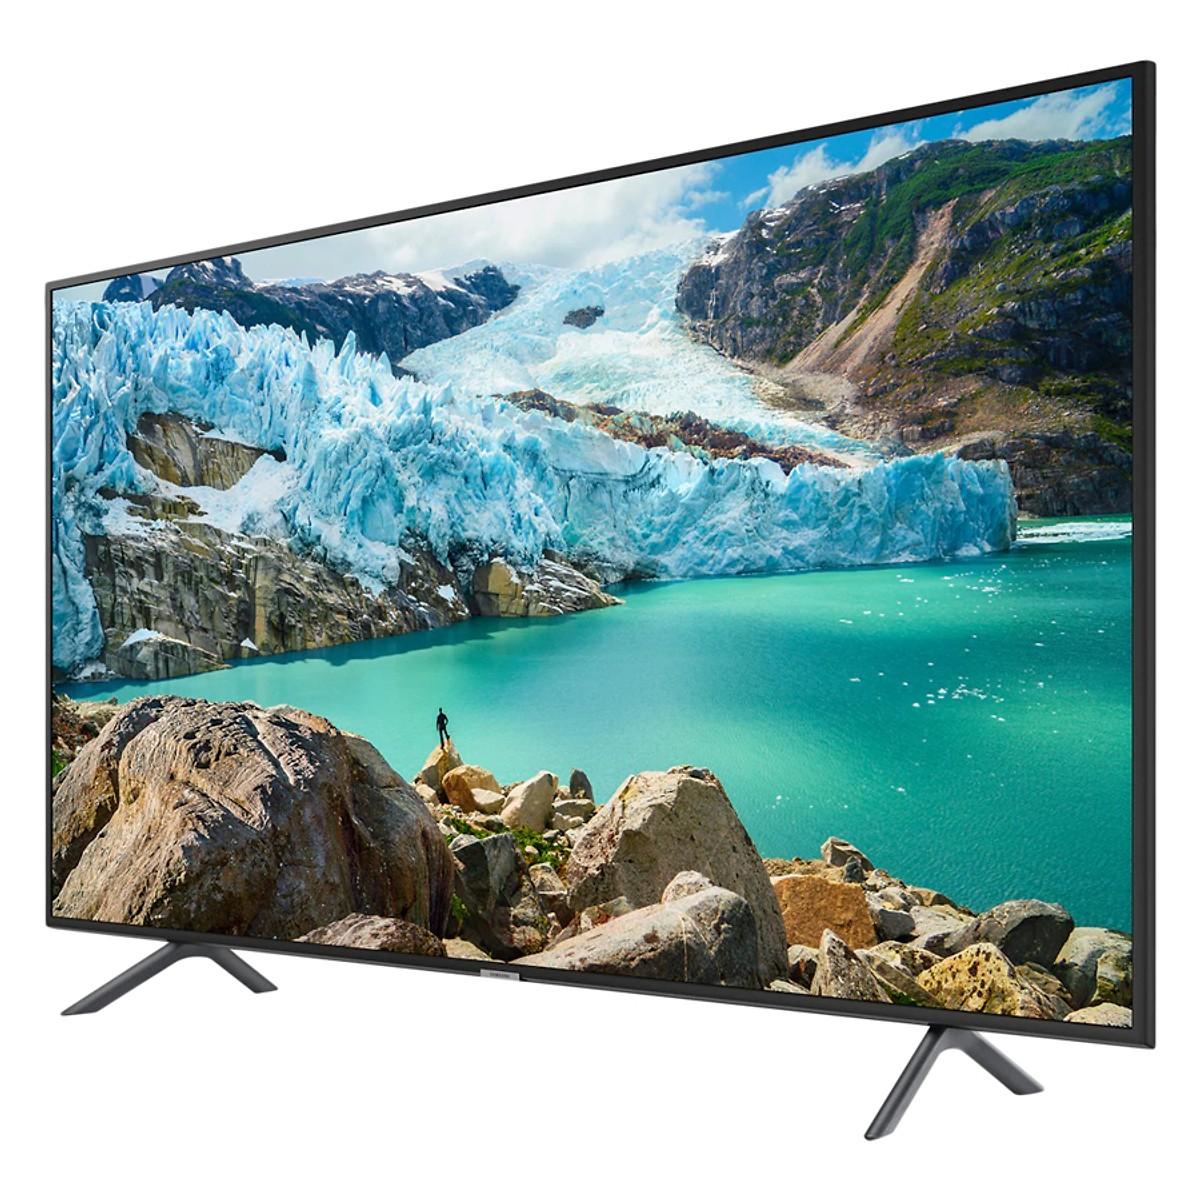 Smart Tivi Samsung 55 inch 4K UHD UA55RU7200KXXV - Hàng chính hãng + Tặng Khung Treo Cố Định